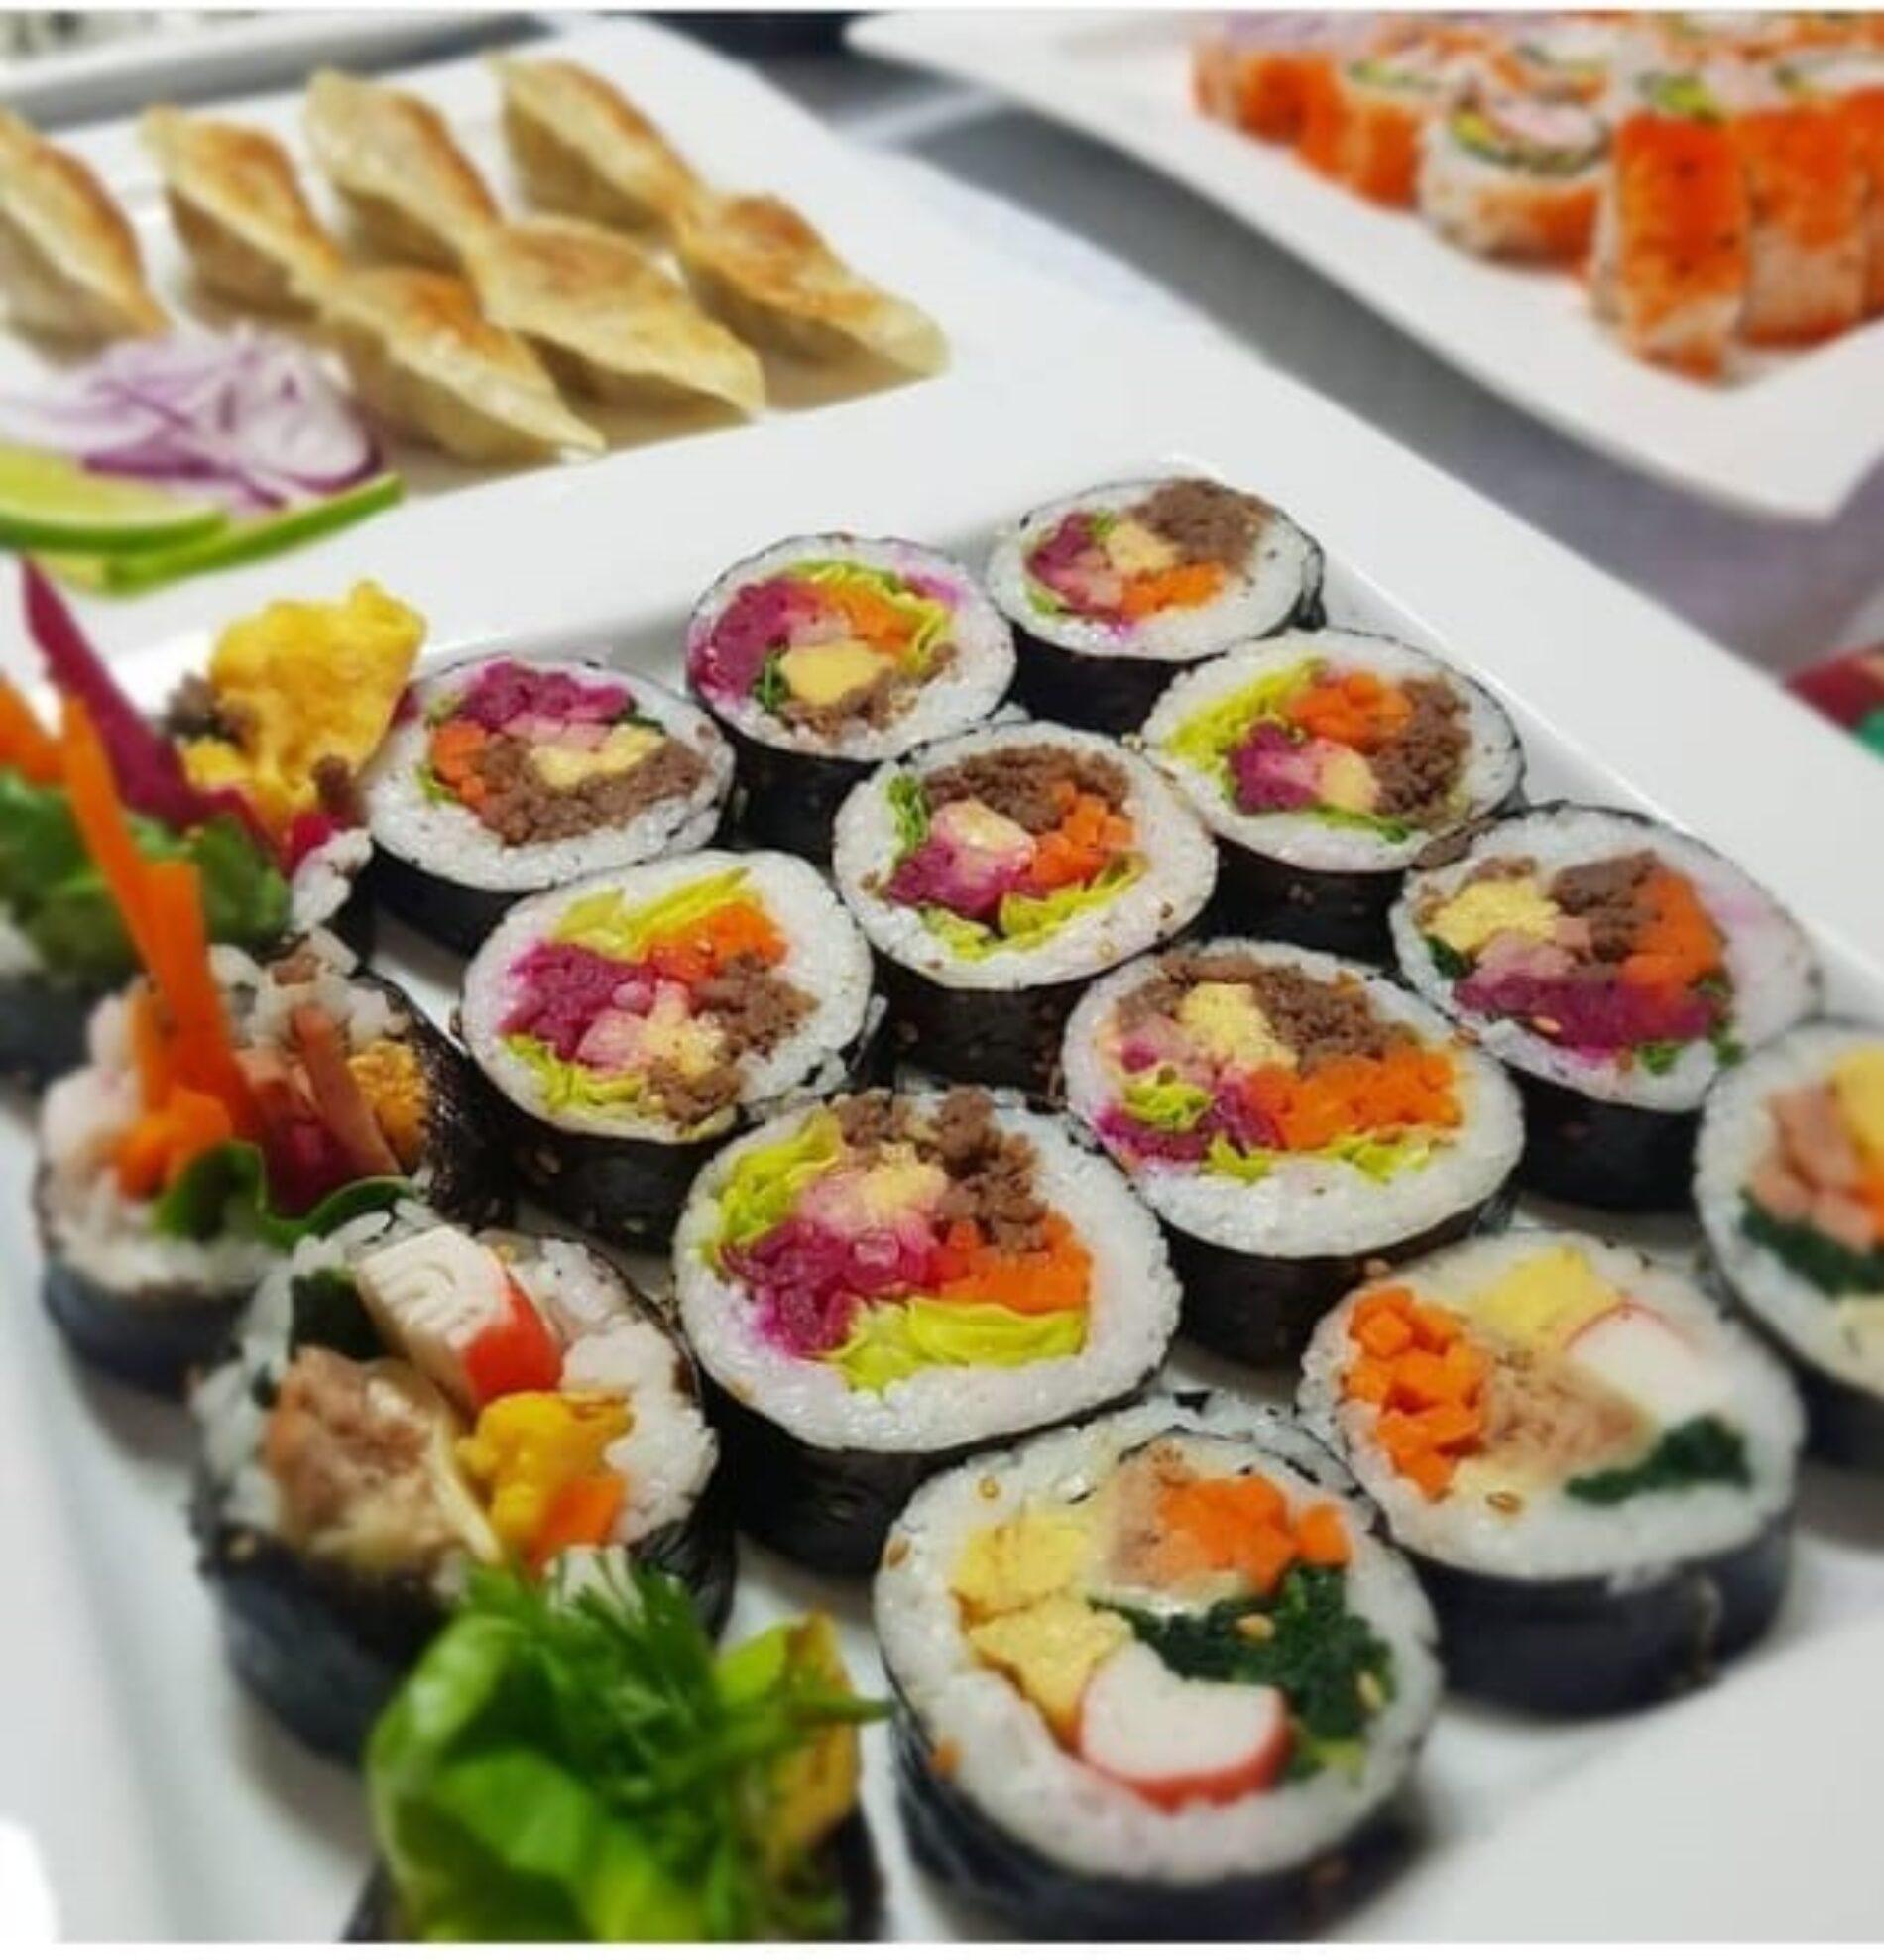 Comida saludable con sabores orientales